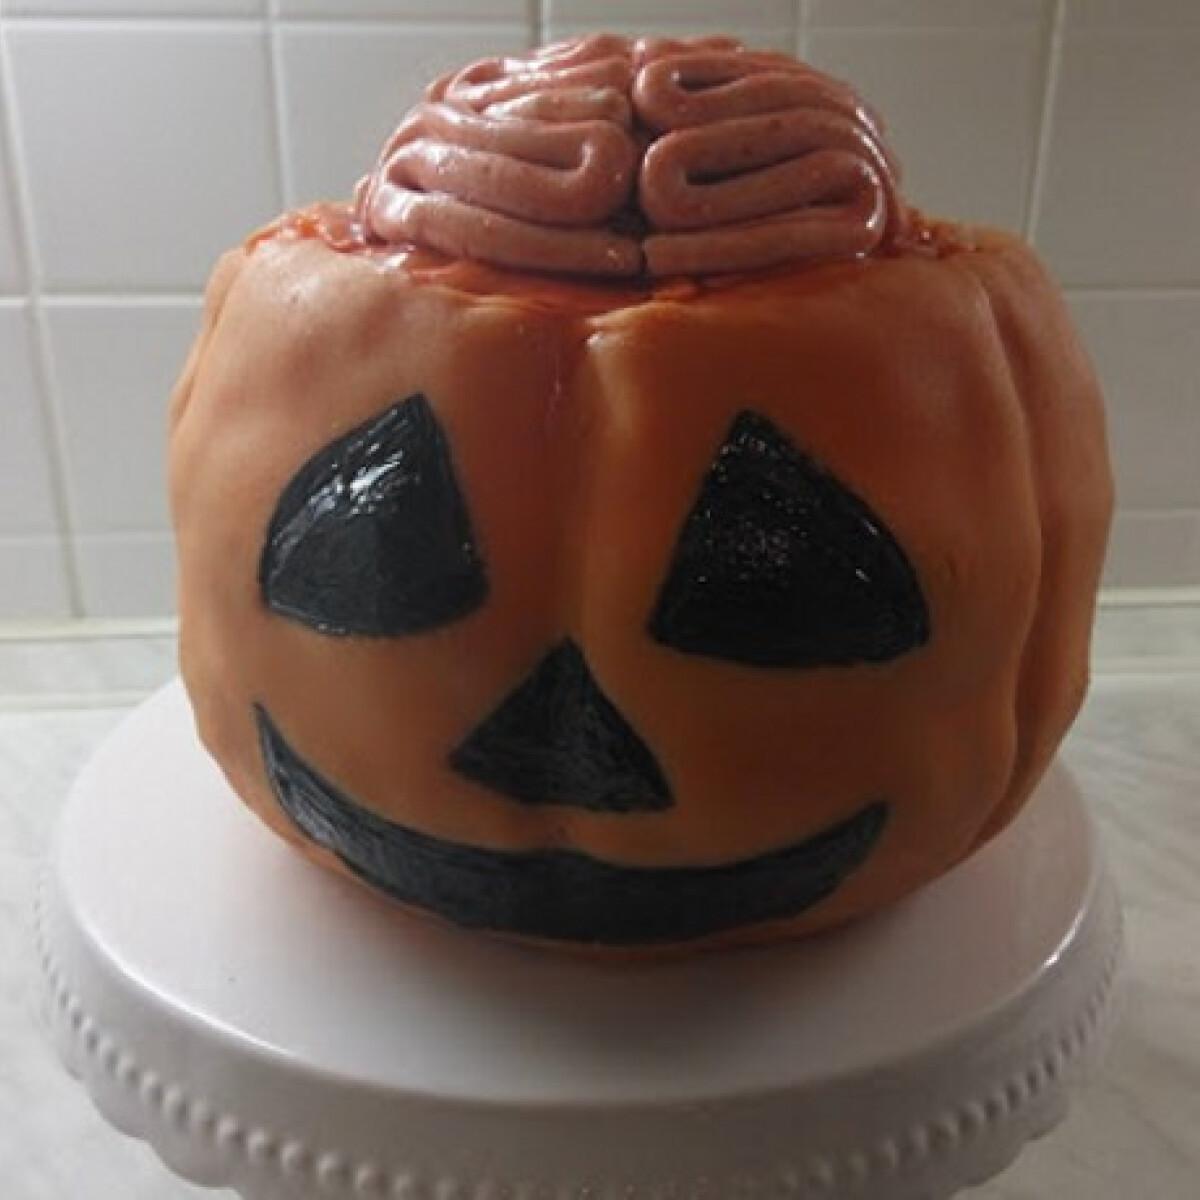 Ezen a képen: Hannibal Lecter tortája